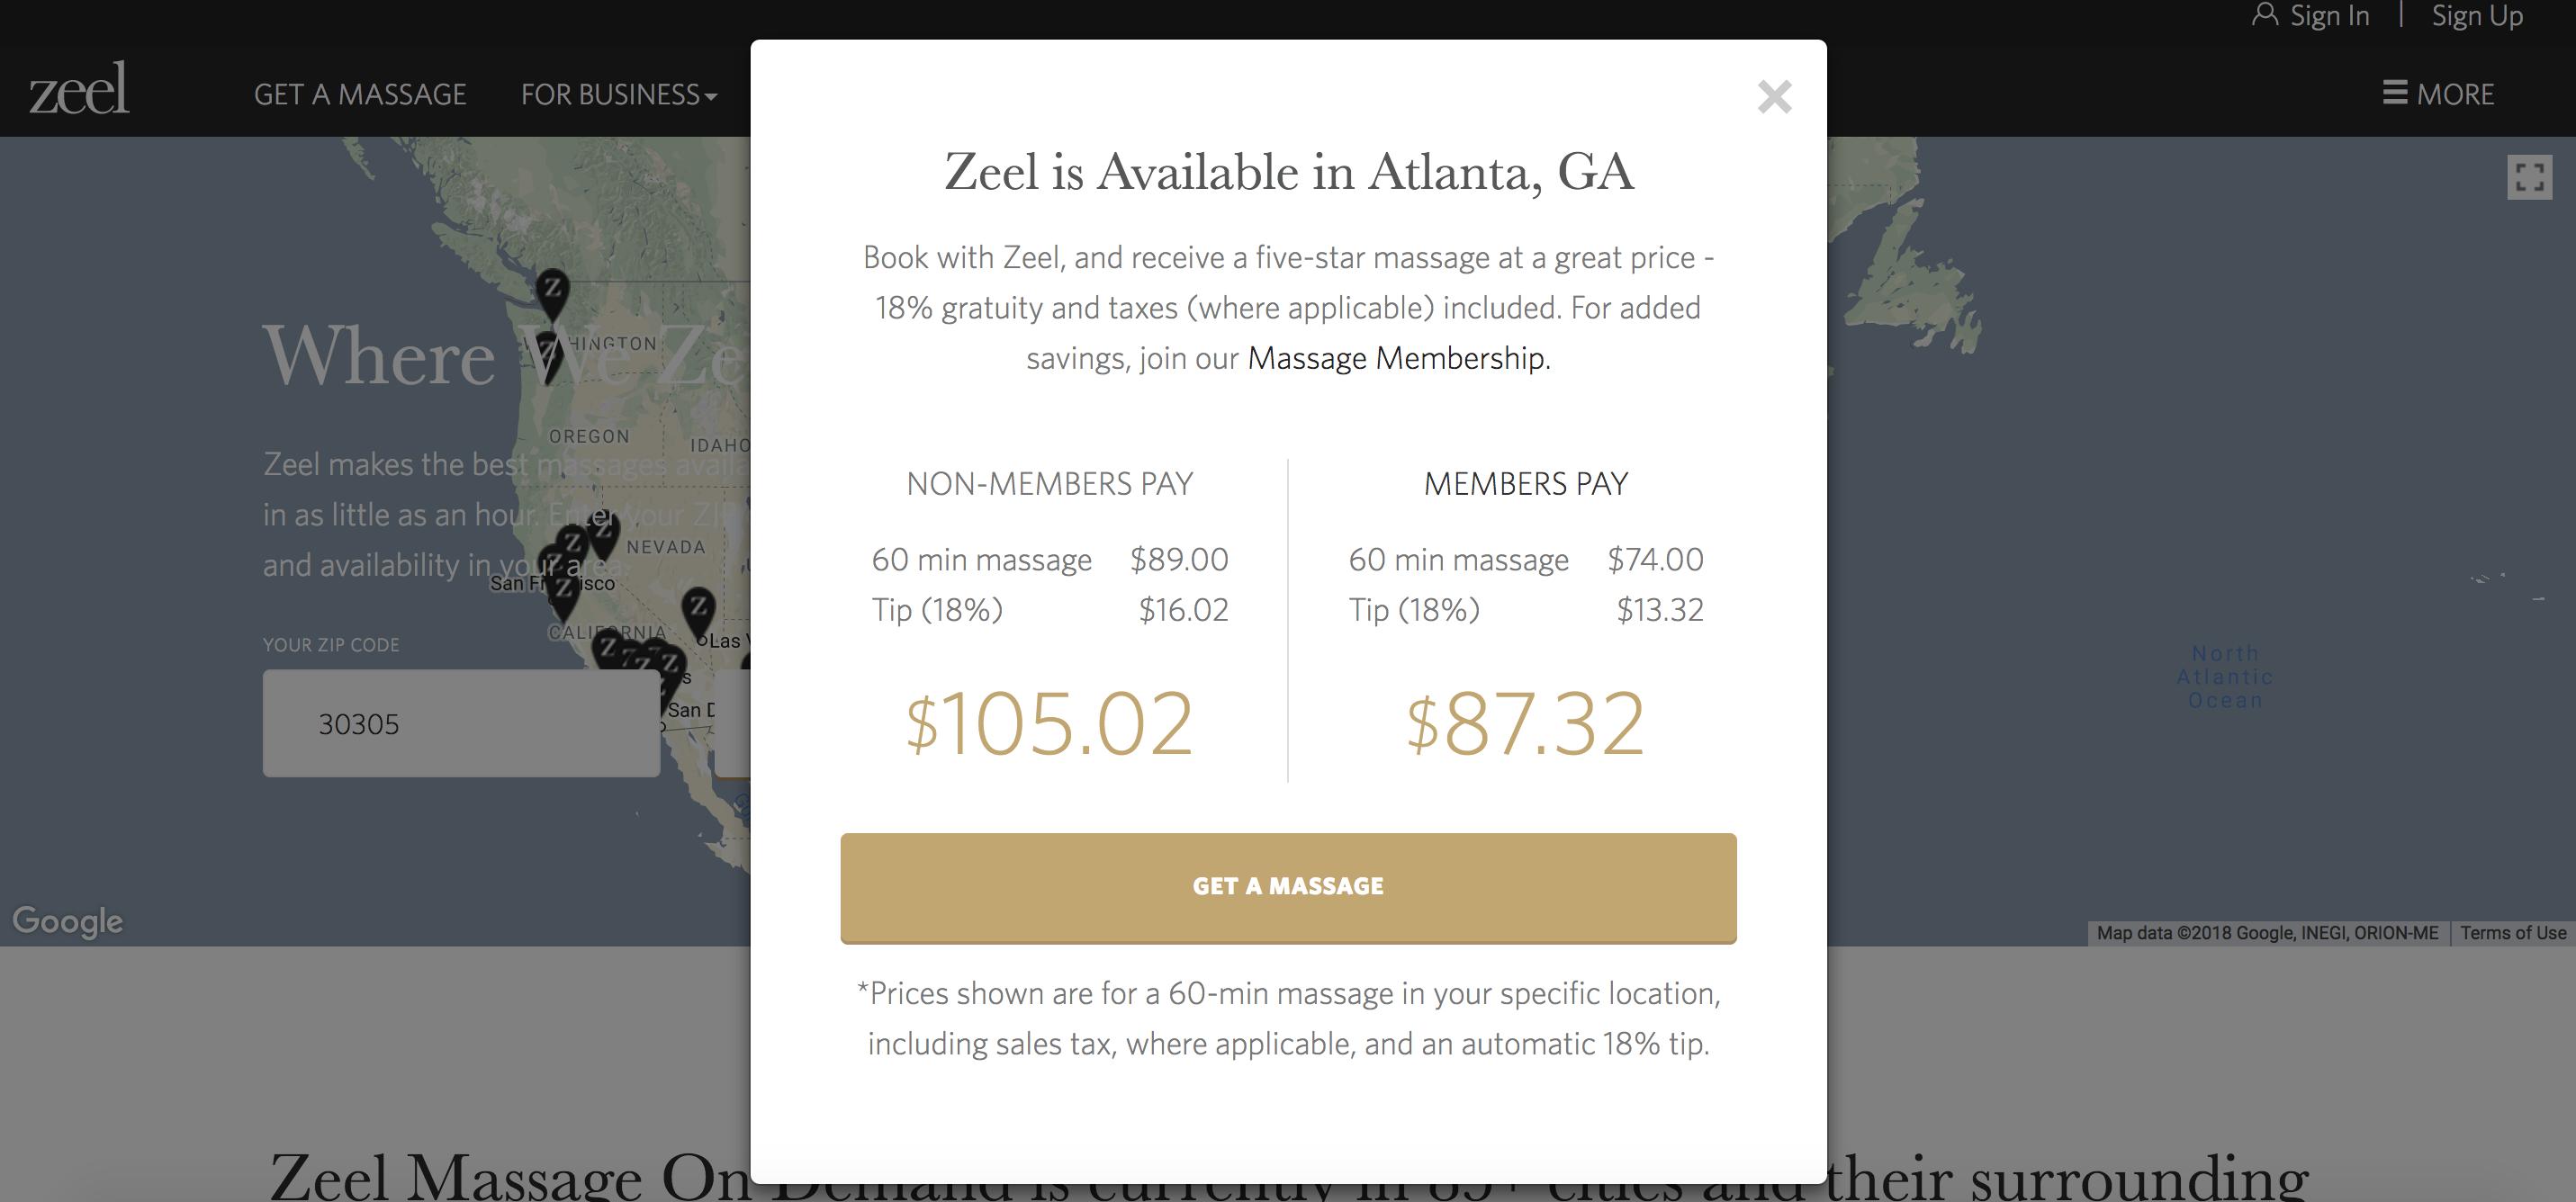 Massage Membership Zeel in Atlanta Georgia